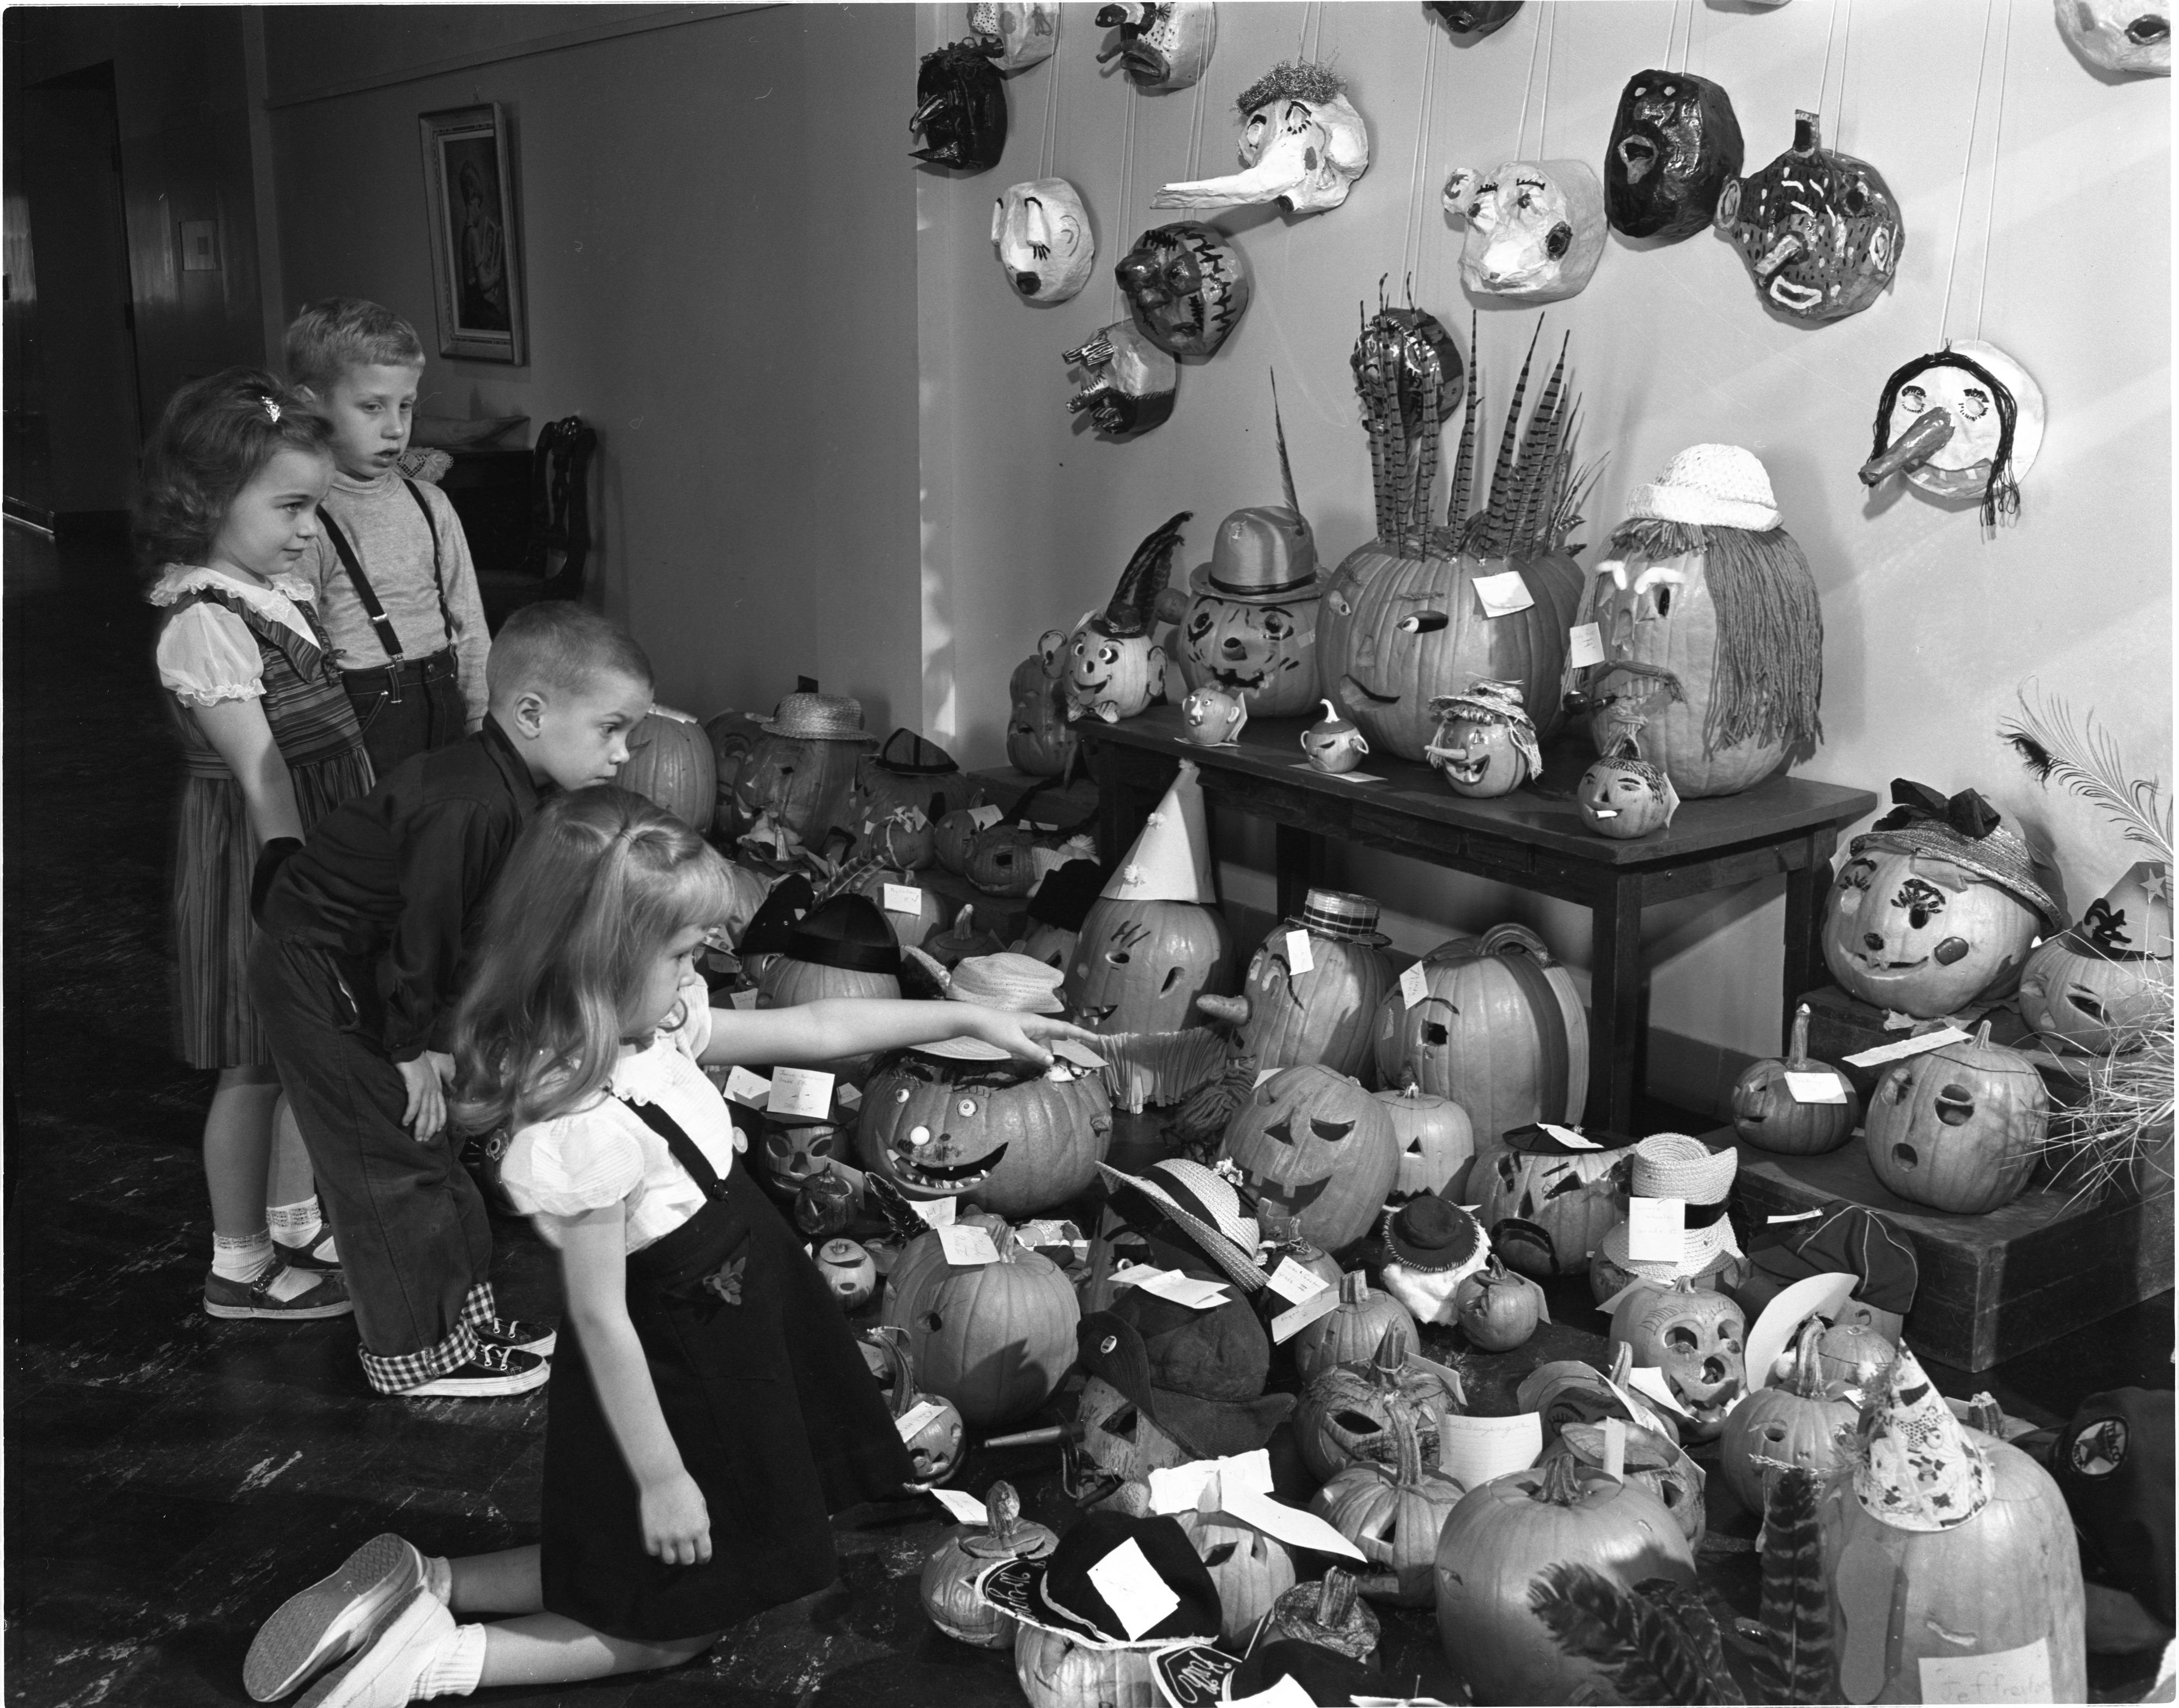 Jack O'Lantern Display At Northside School, October 1953 image